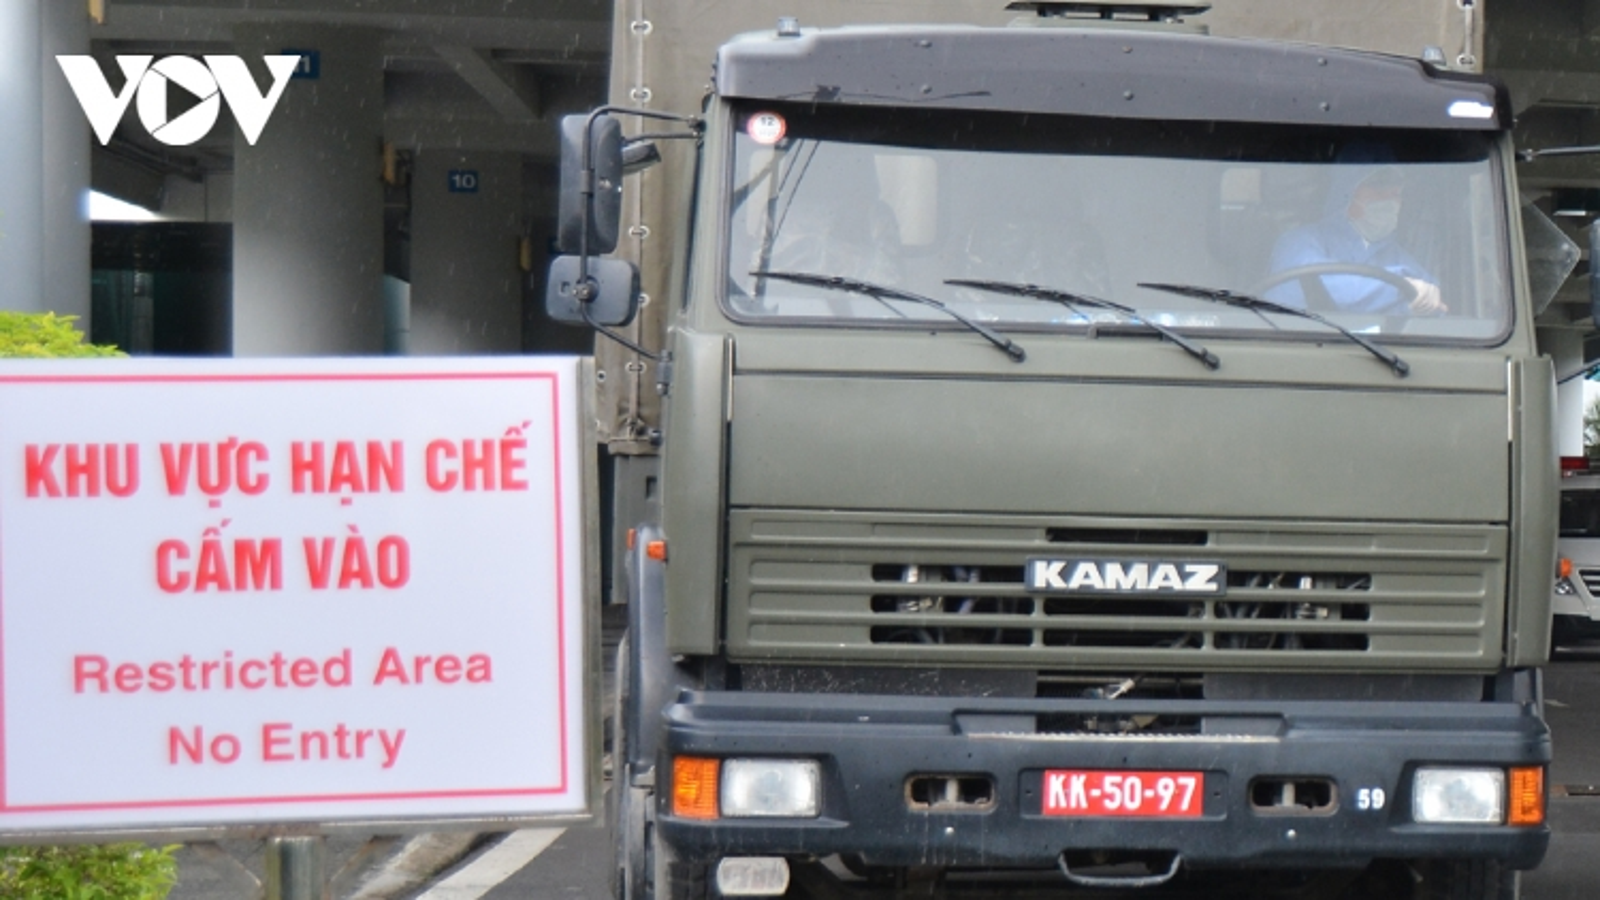 Đưa 240 công dân Việt Nam về nước cách ly tại Tiền Giang